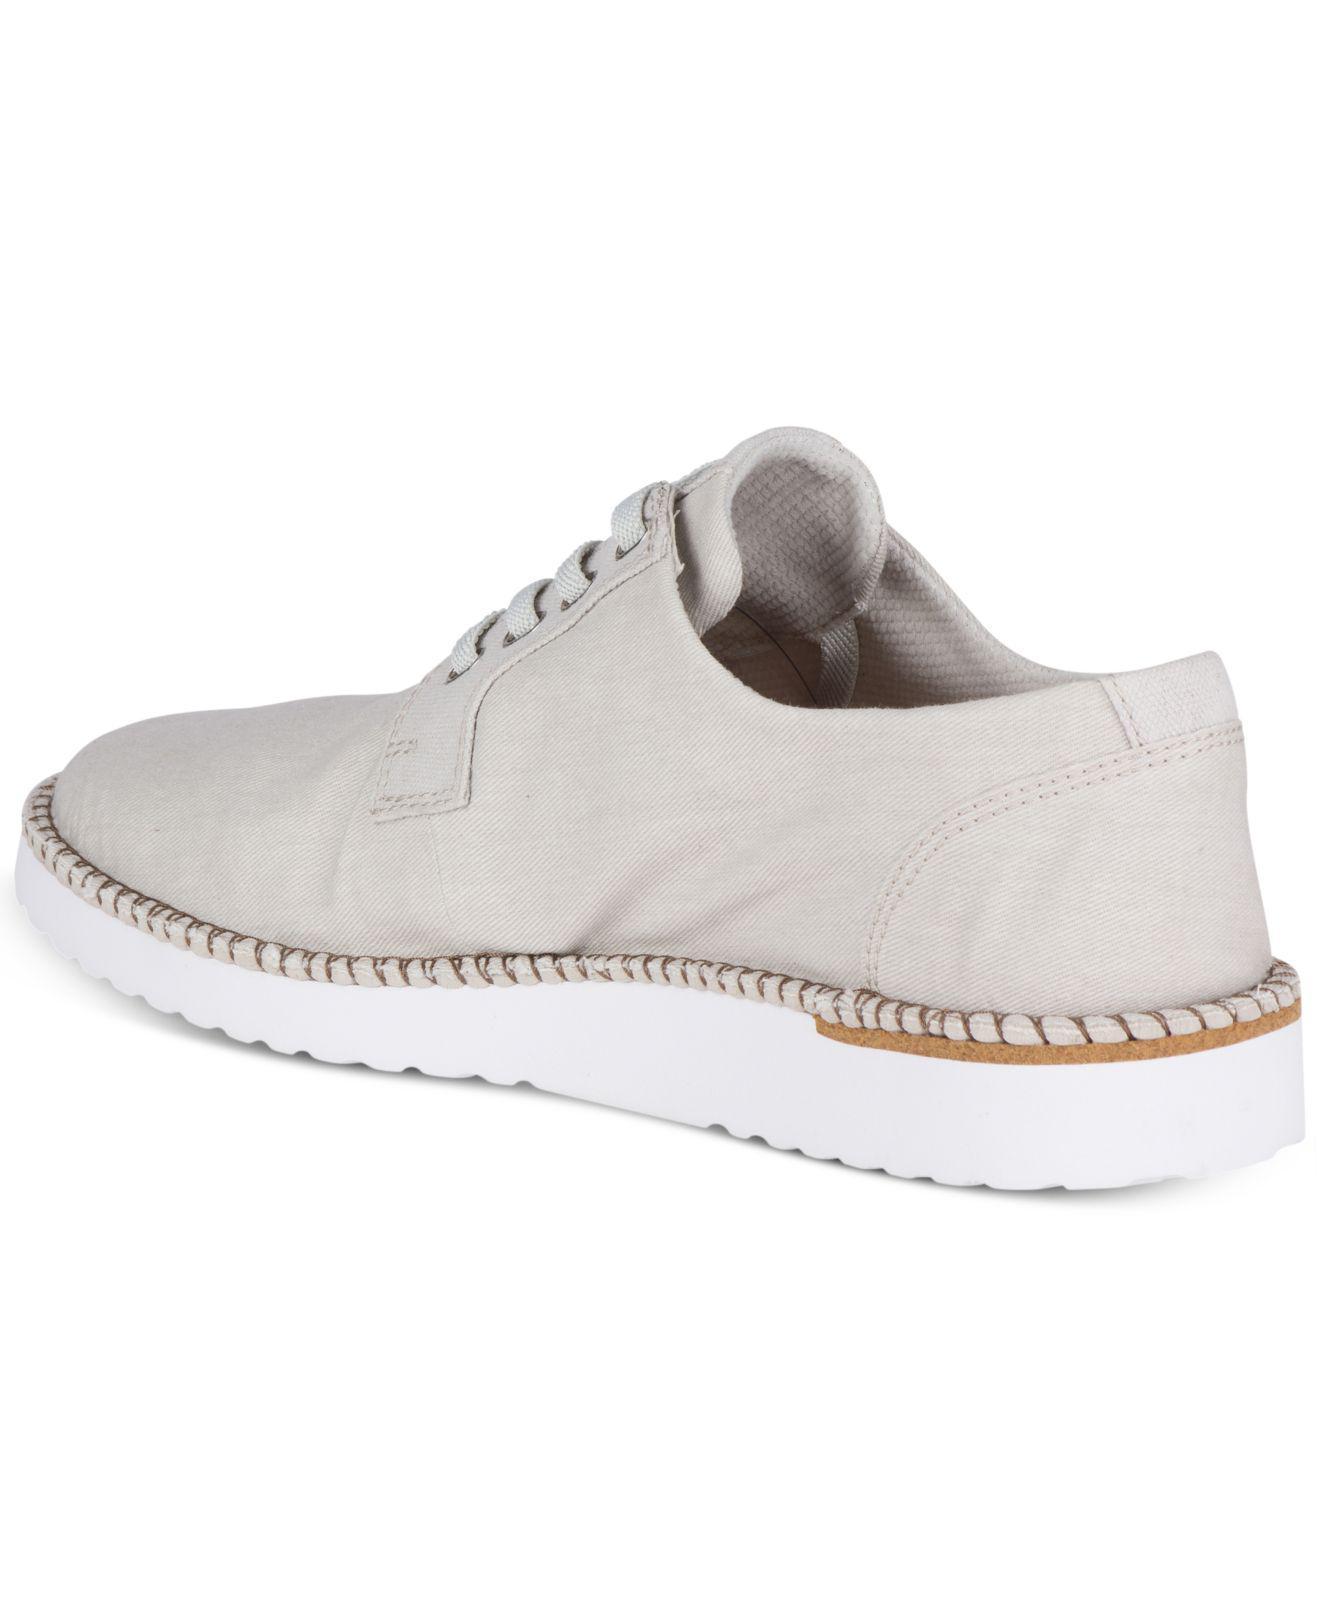 cloudfoam catalyseur adidas neo avantage blanc propre cour chaussure en blanc avantage pour les hommes 4394f0